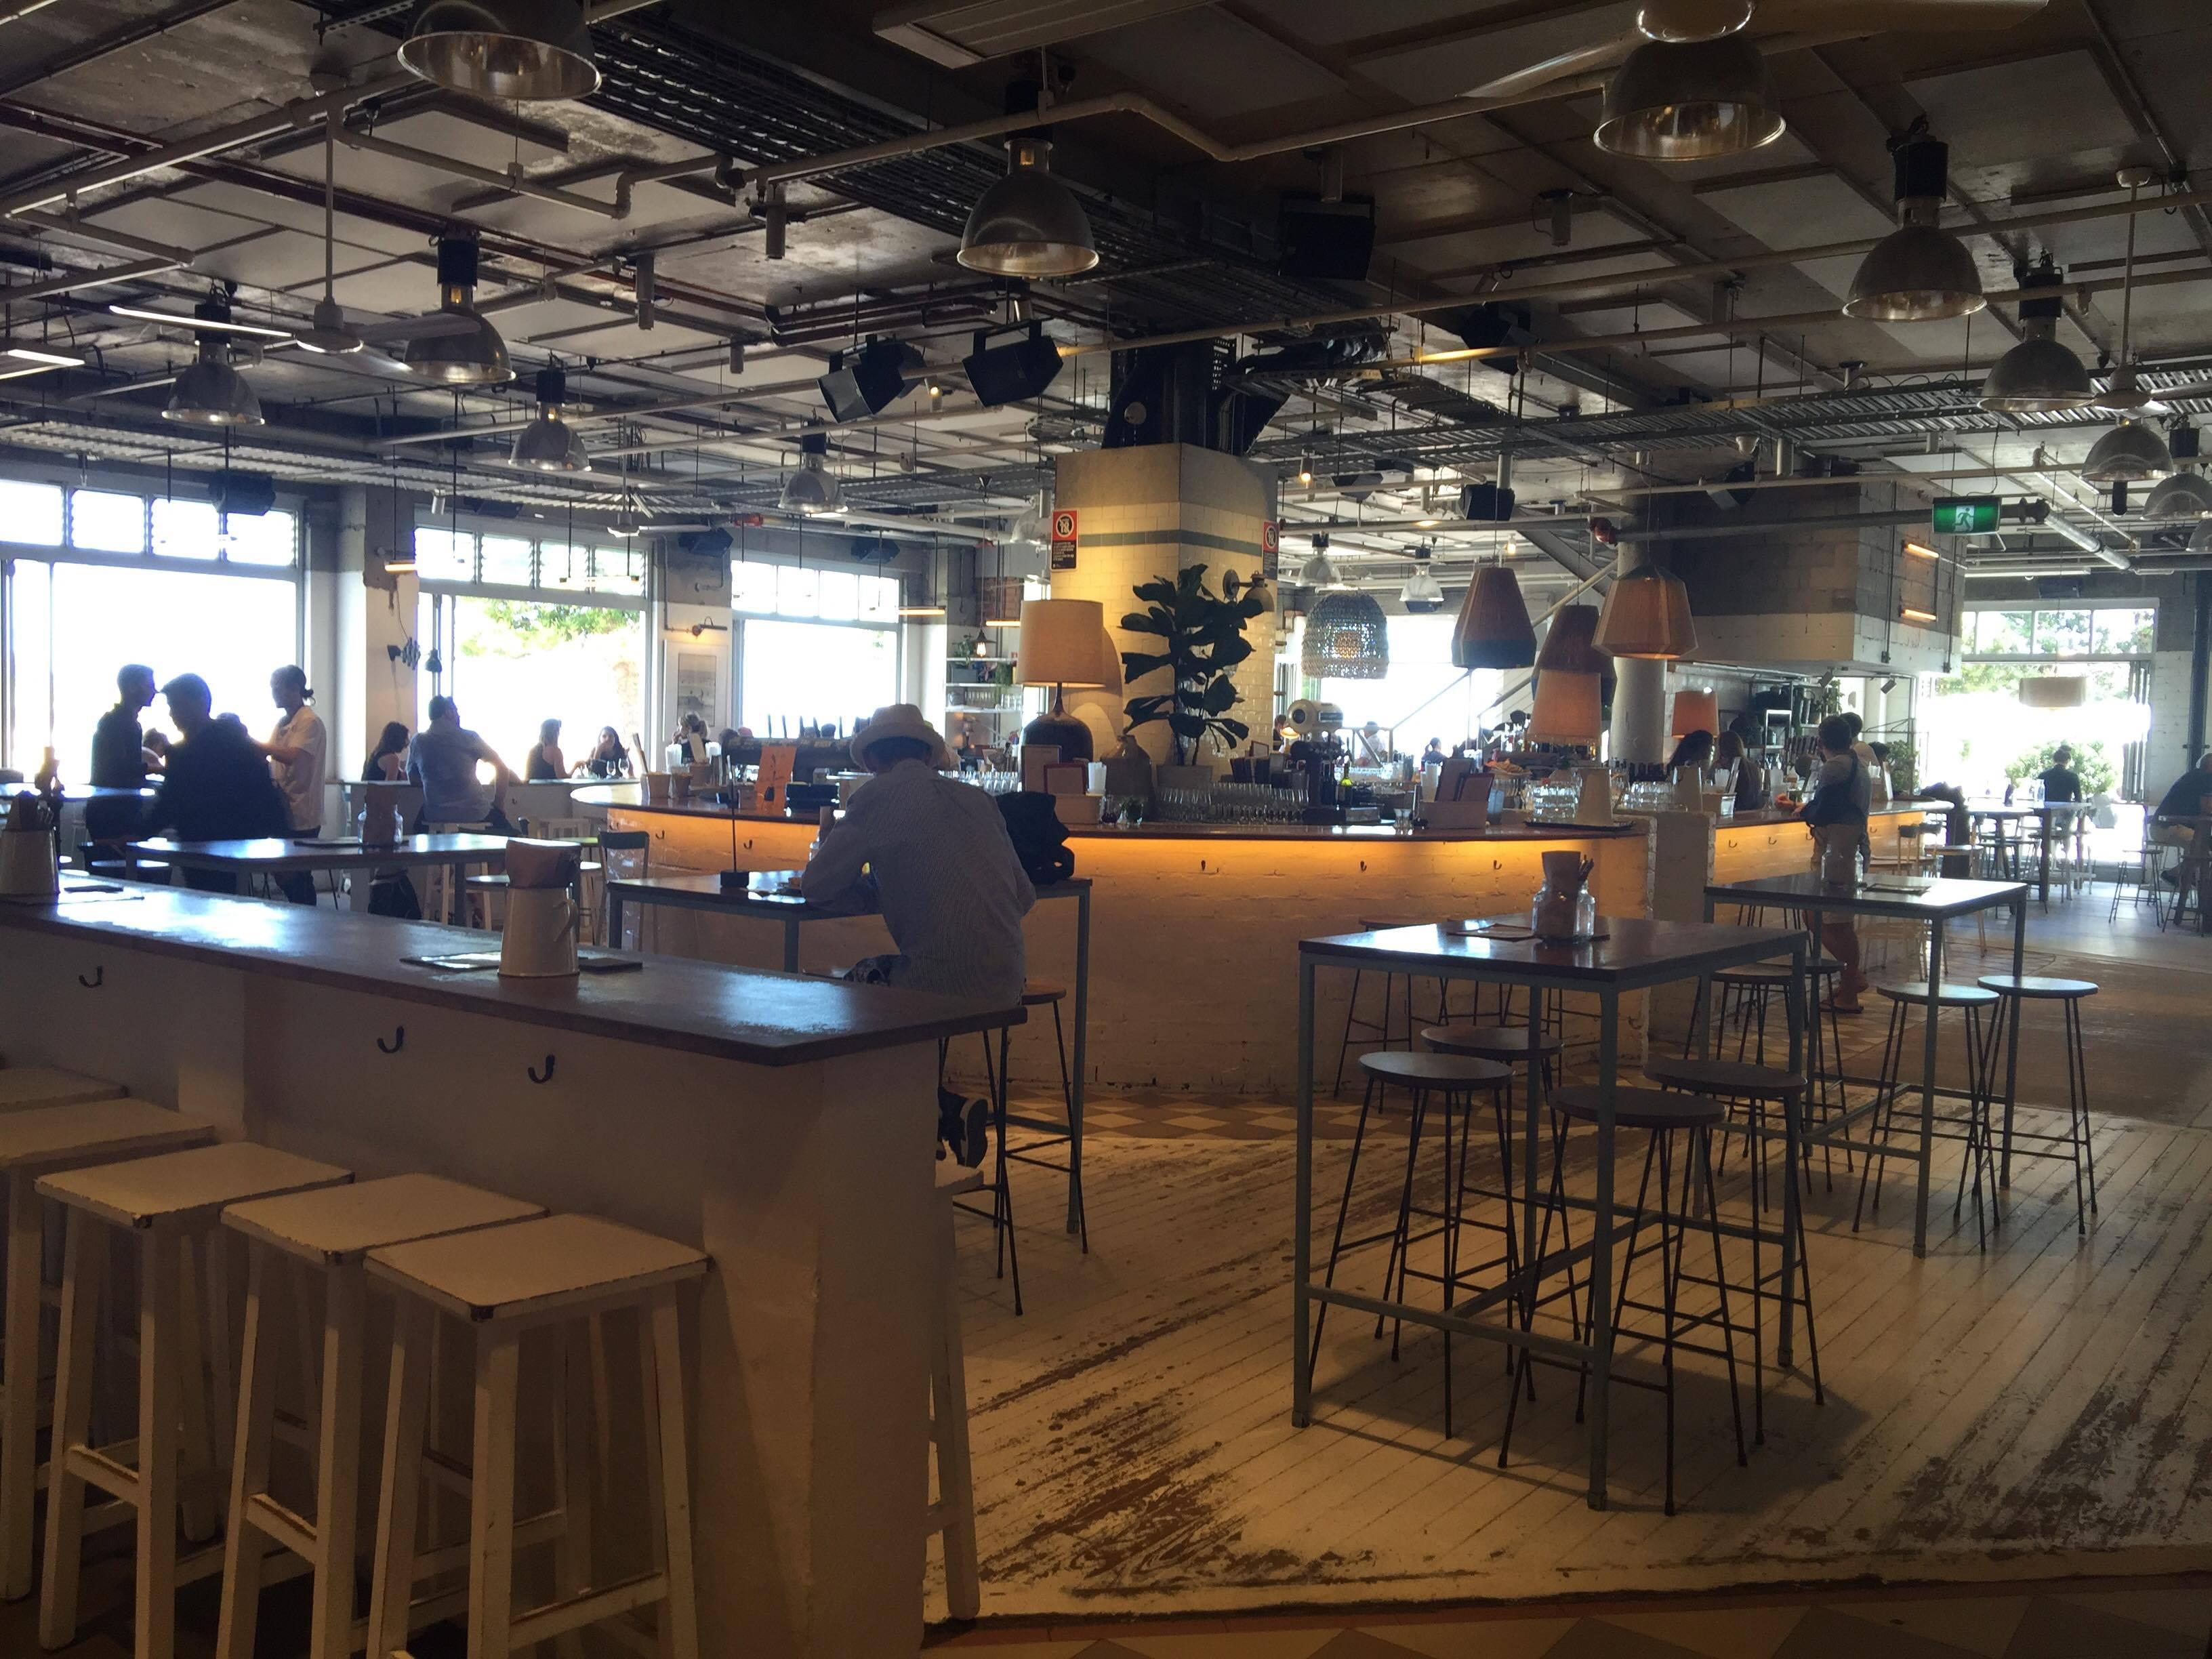 מסעדת Coogee Pavilion: מקום יפה, פיצה טעימה (צילום: שיר אפרים) (צילום: שיר אפרים)